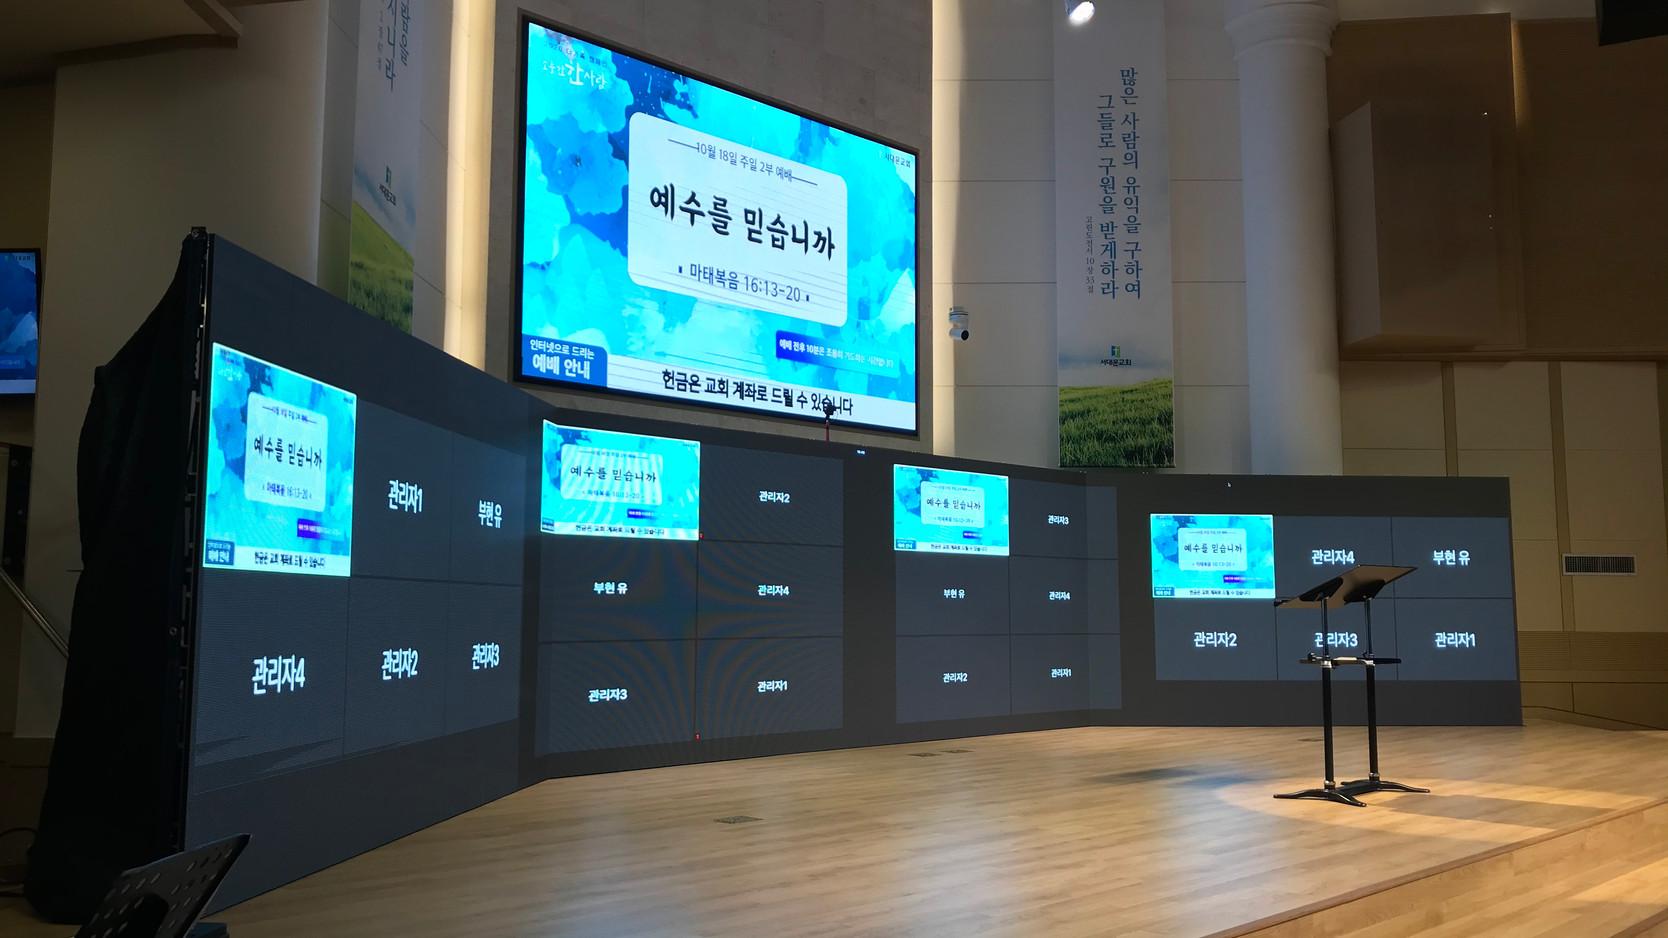 대형교회 SNS 생방송시스템